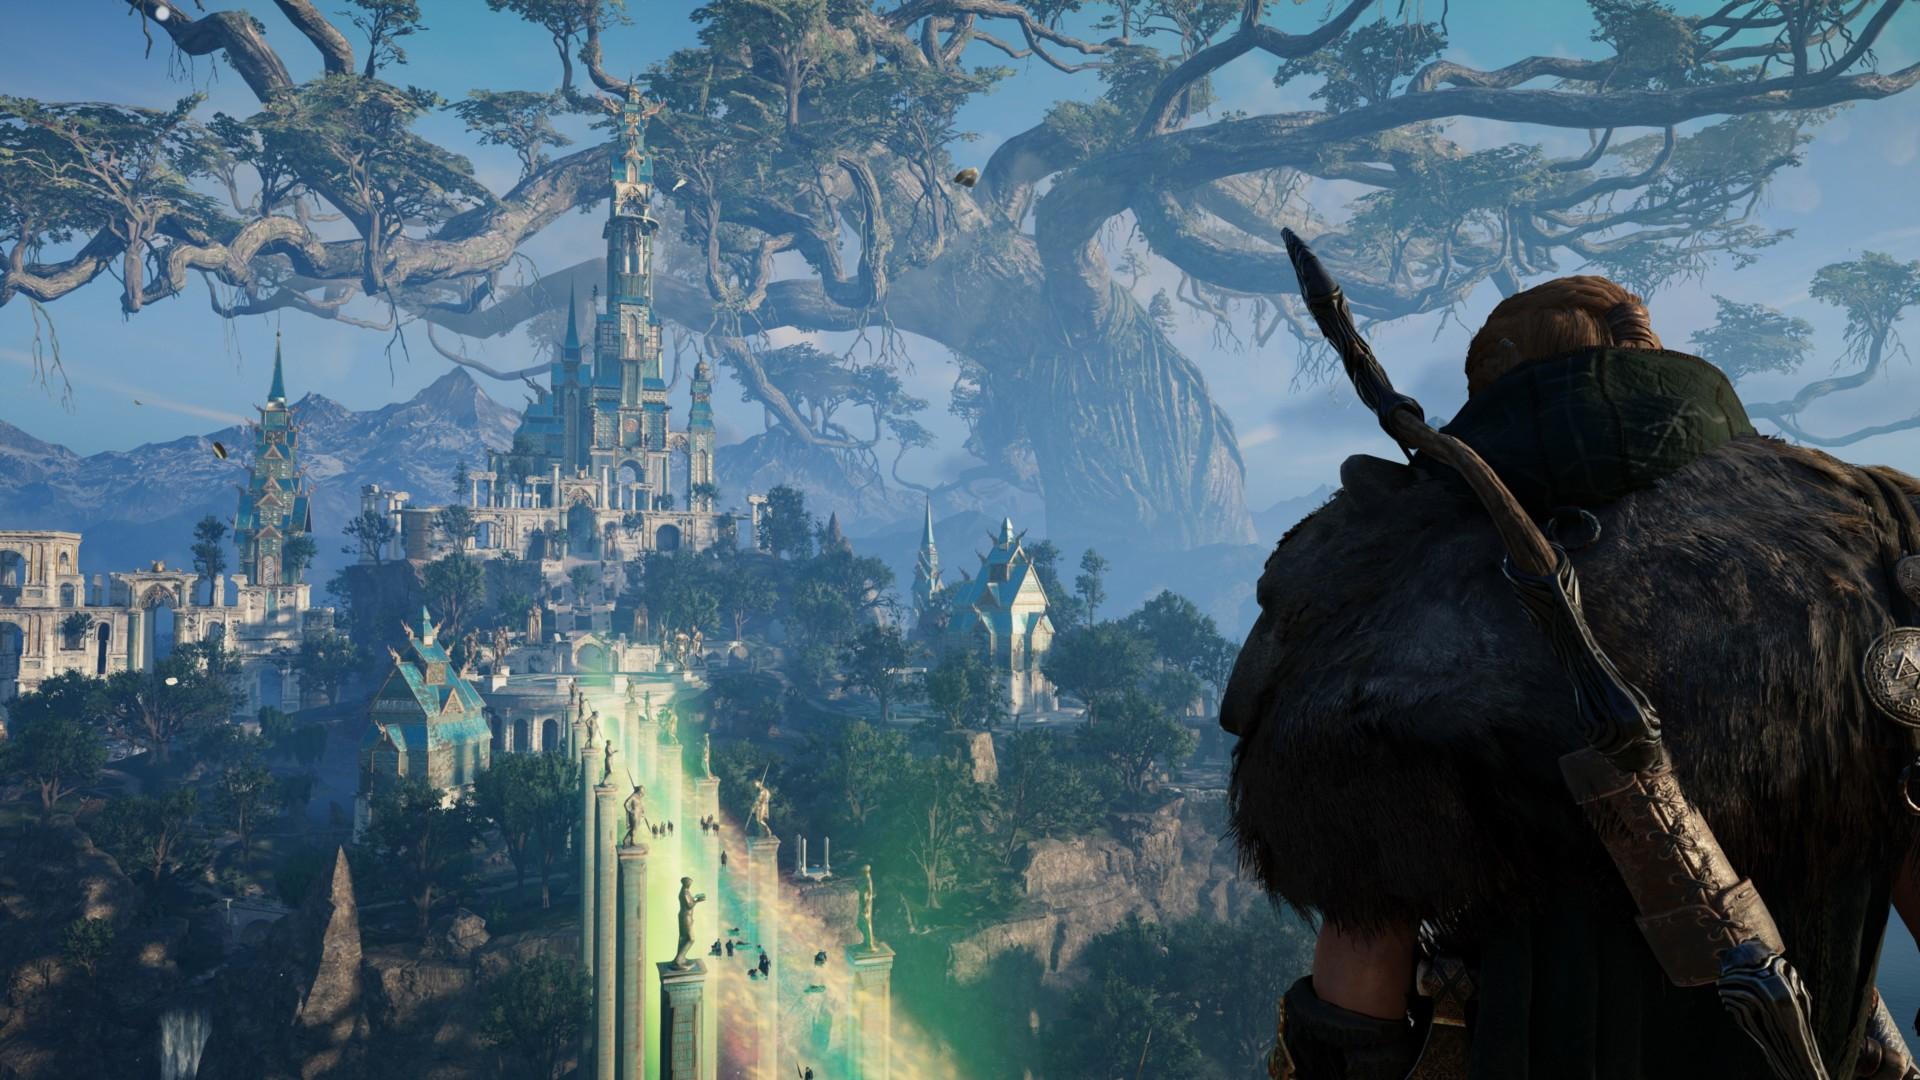 Блогер сумел расшифровать тайный язык Предтеч из серии Assassin's Creed благодаря AC Valhalla